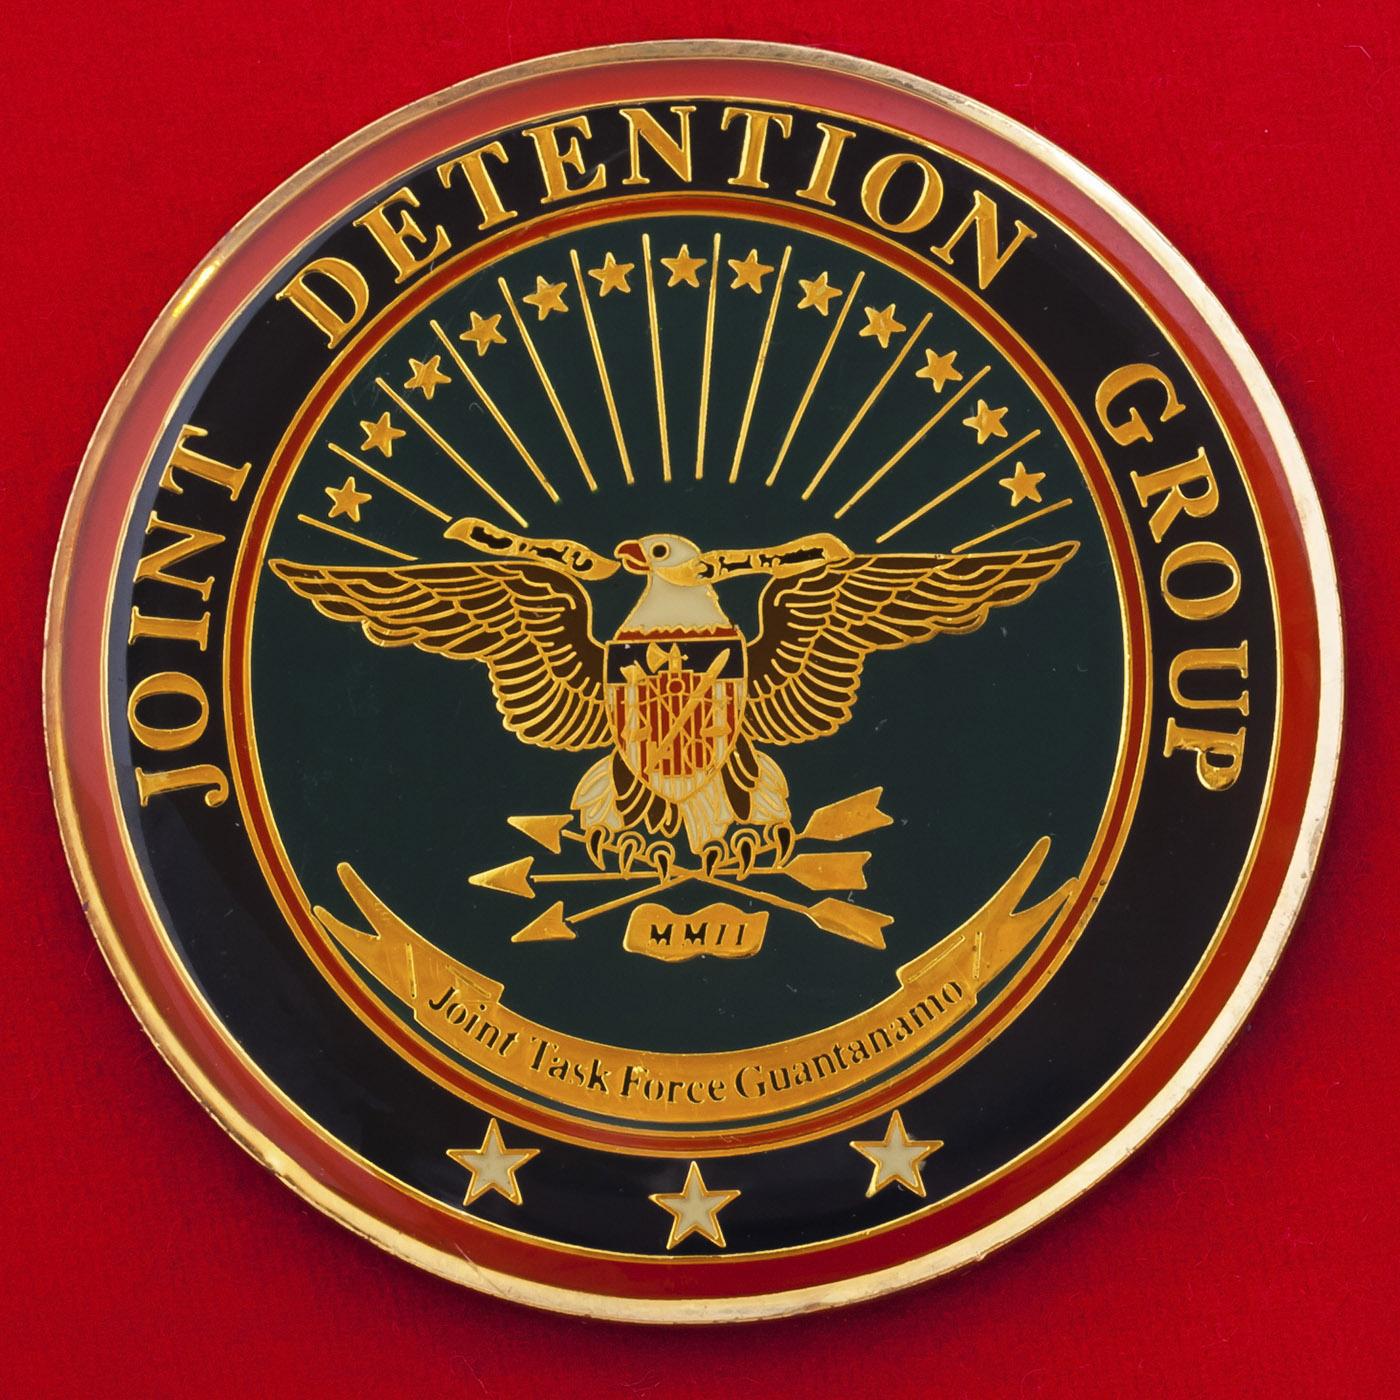 Челлендж коин За отличие командного состава группы постановки помех базы Гуантанамо